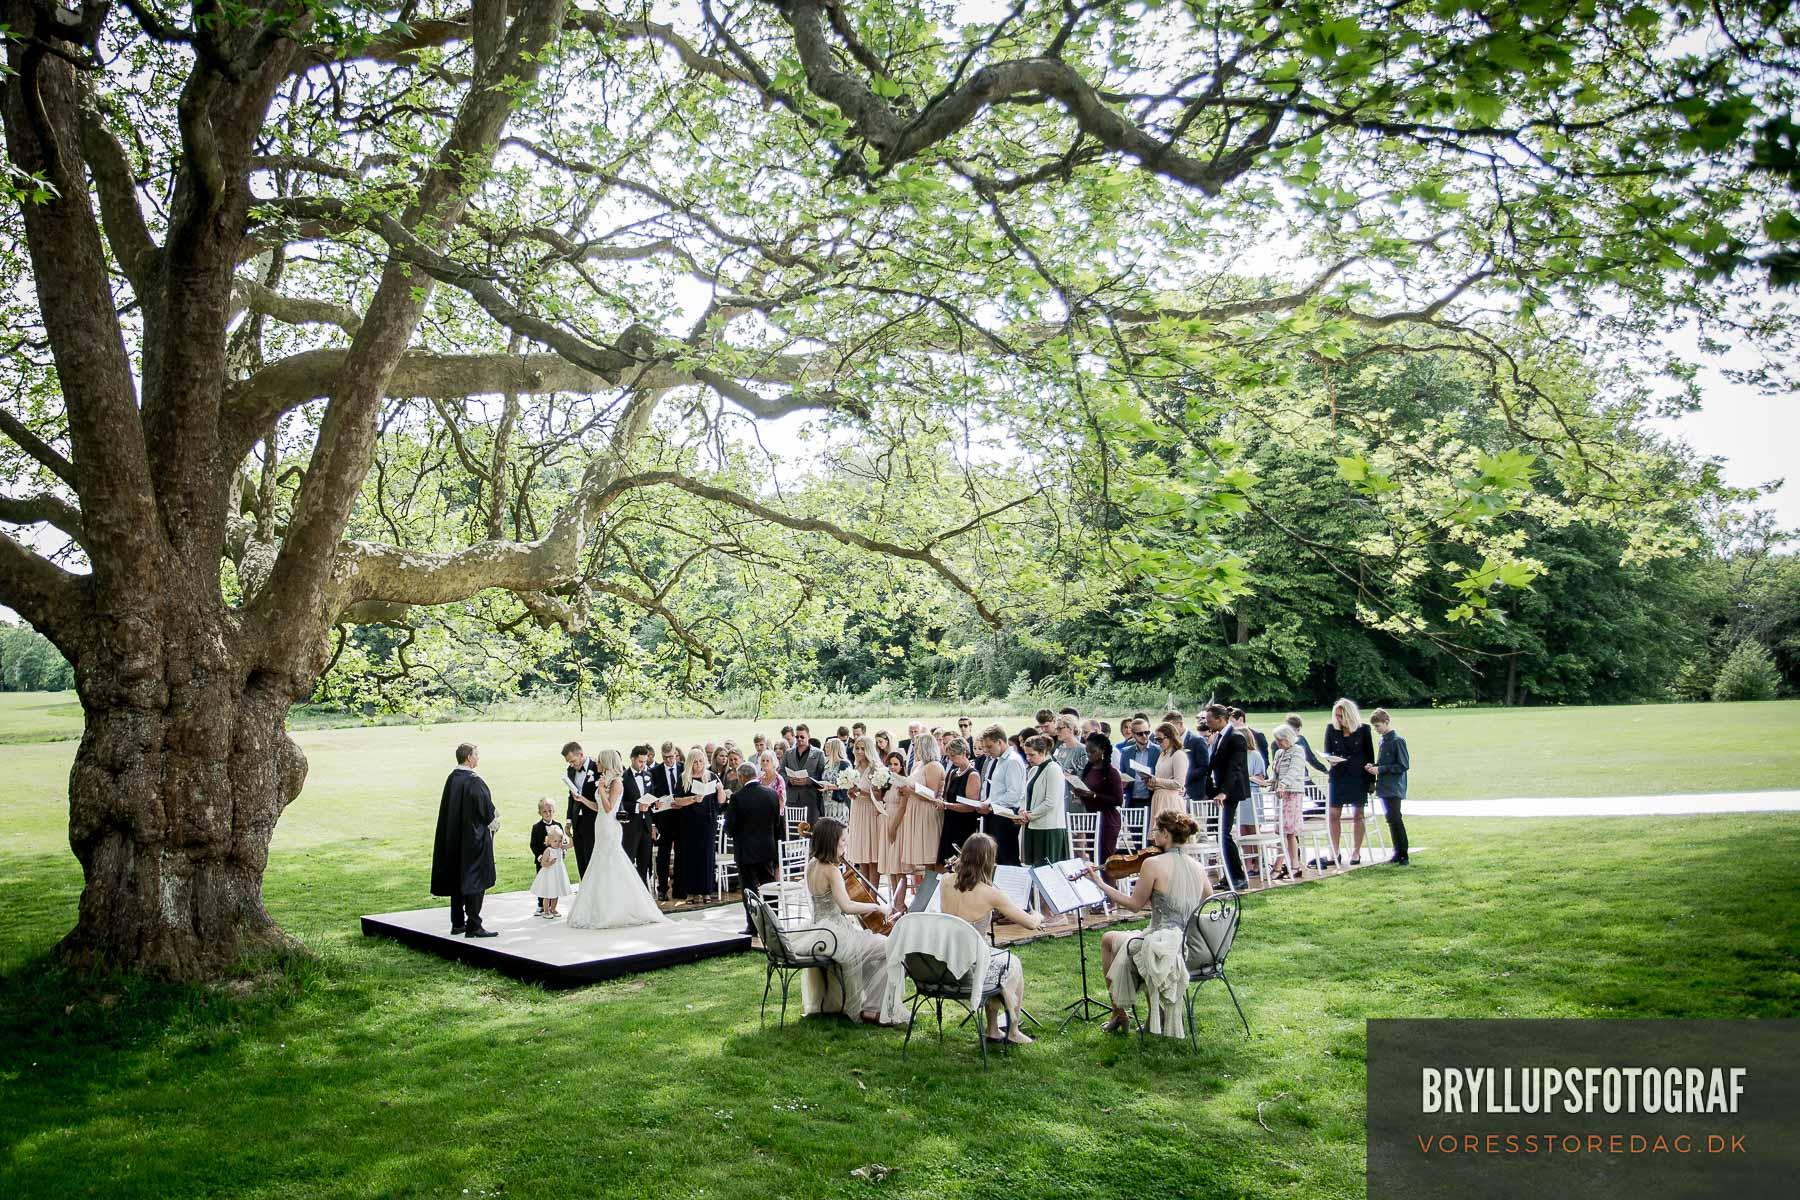 bryllup foto Vejle